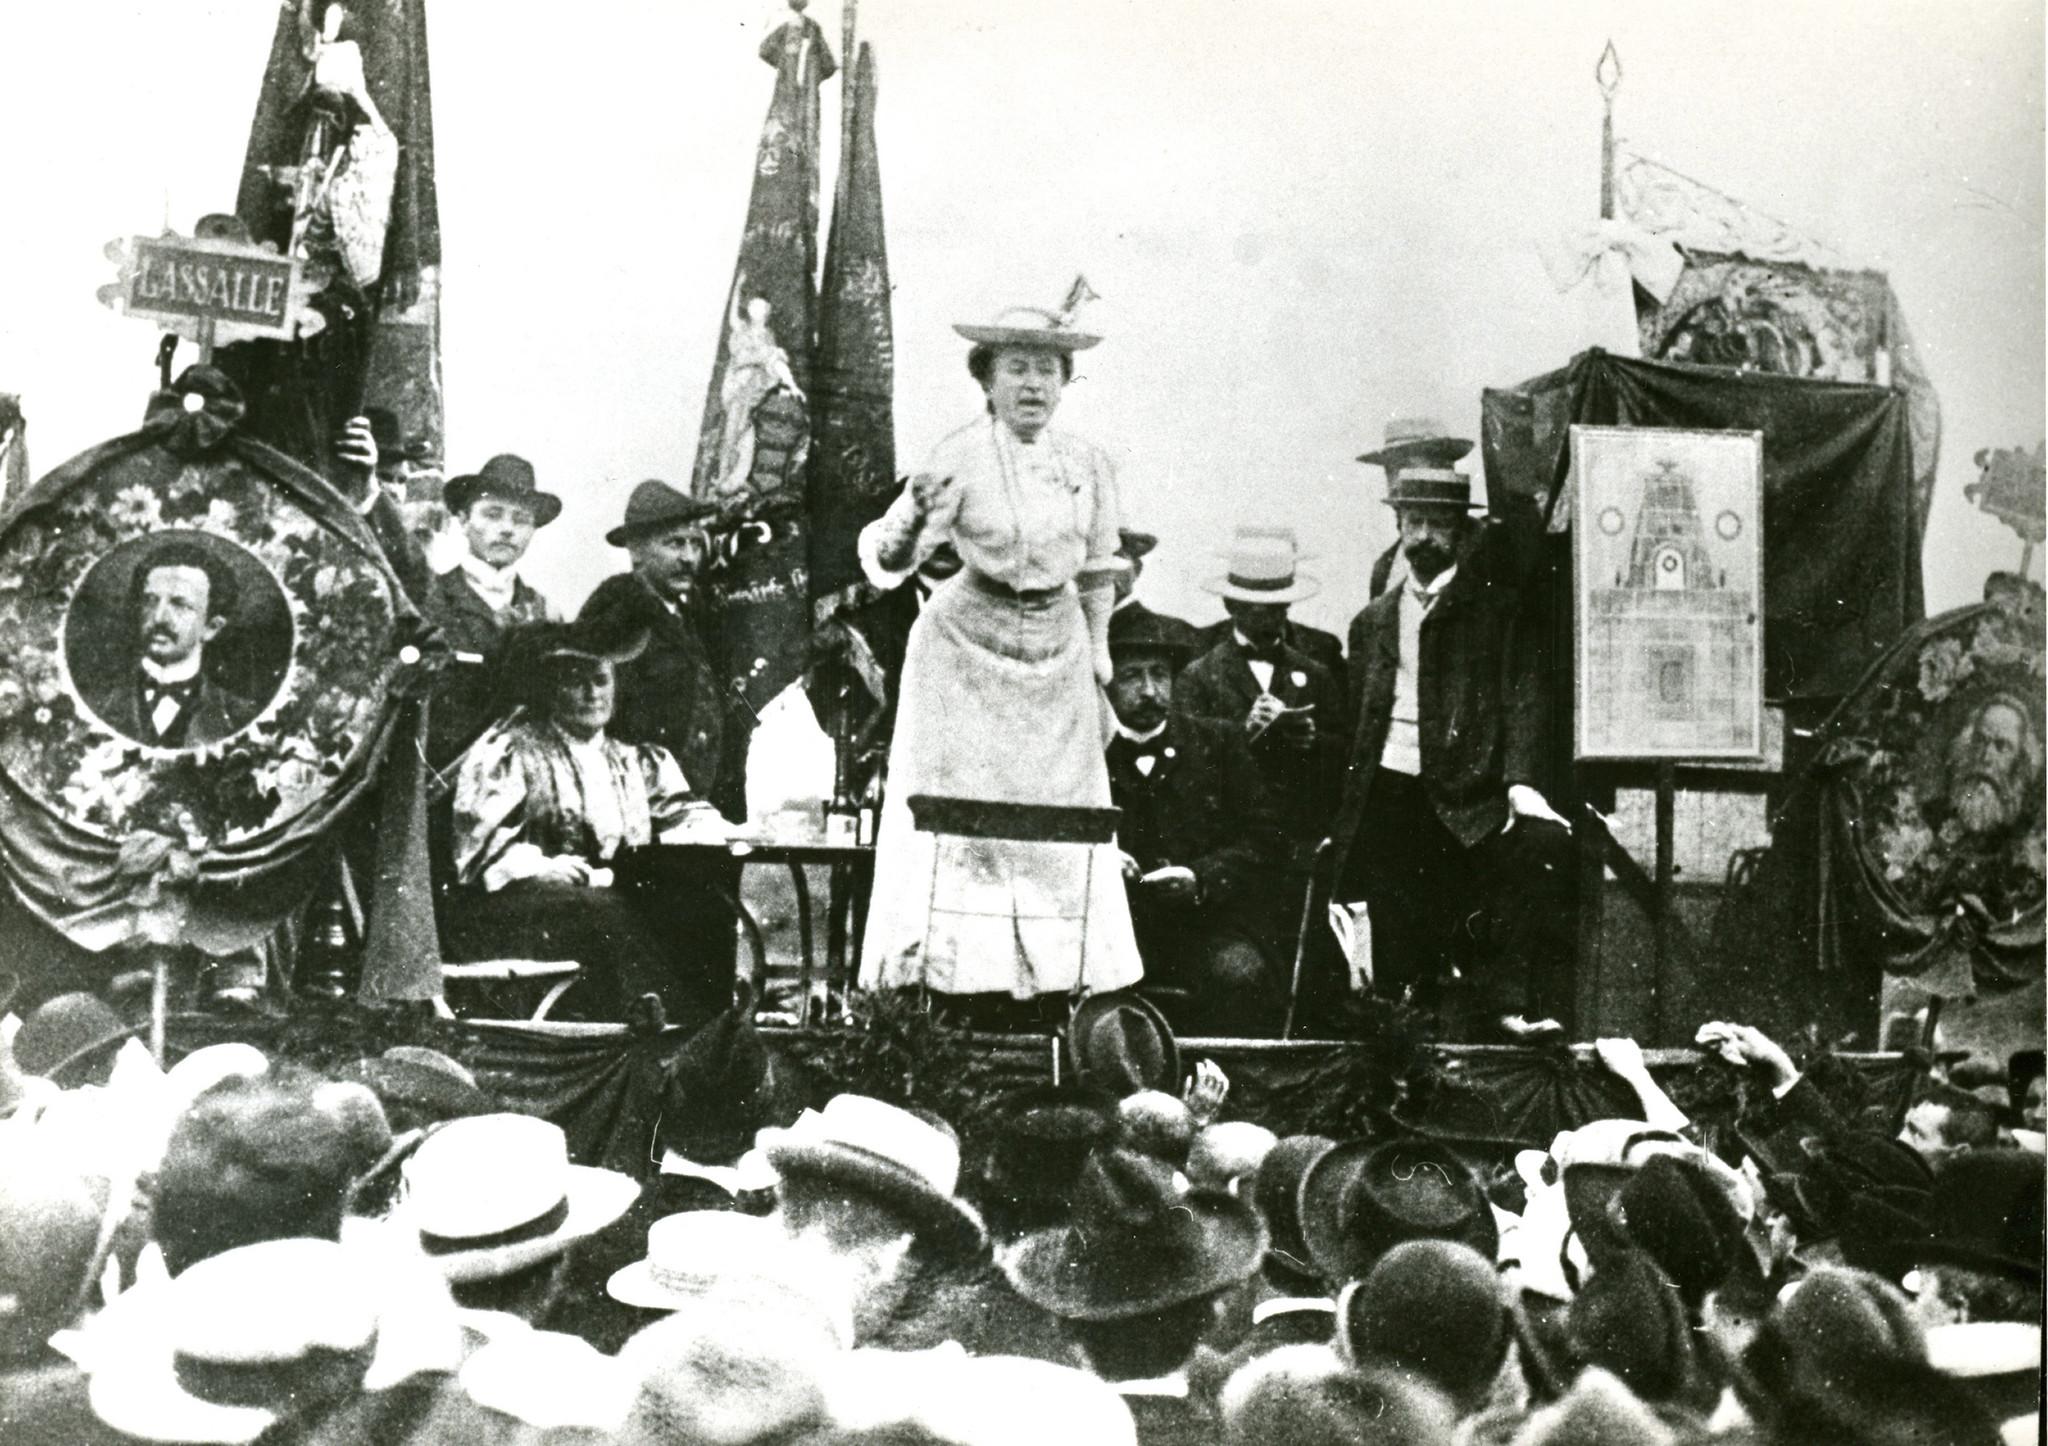 Visao O Assassinio De Rosa Luxemburgo Uma Tragedia E Uma Farsa